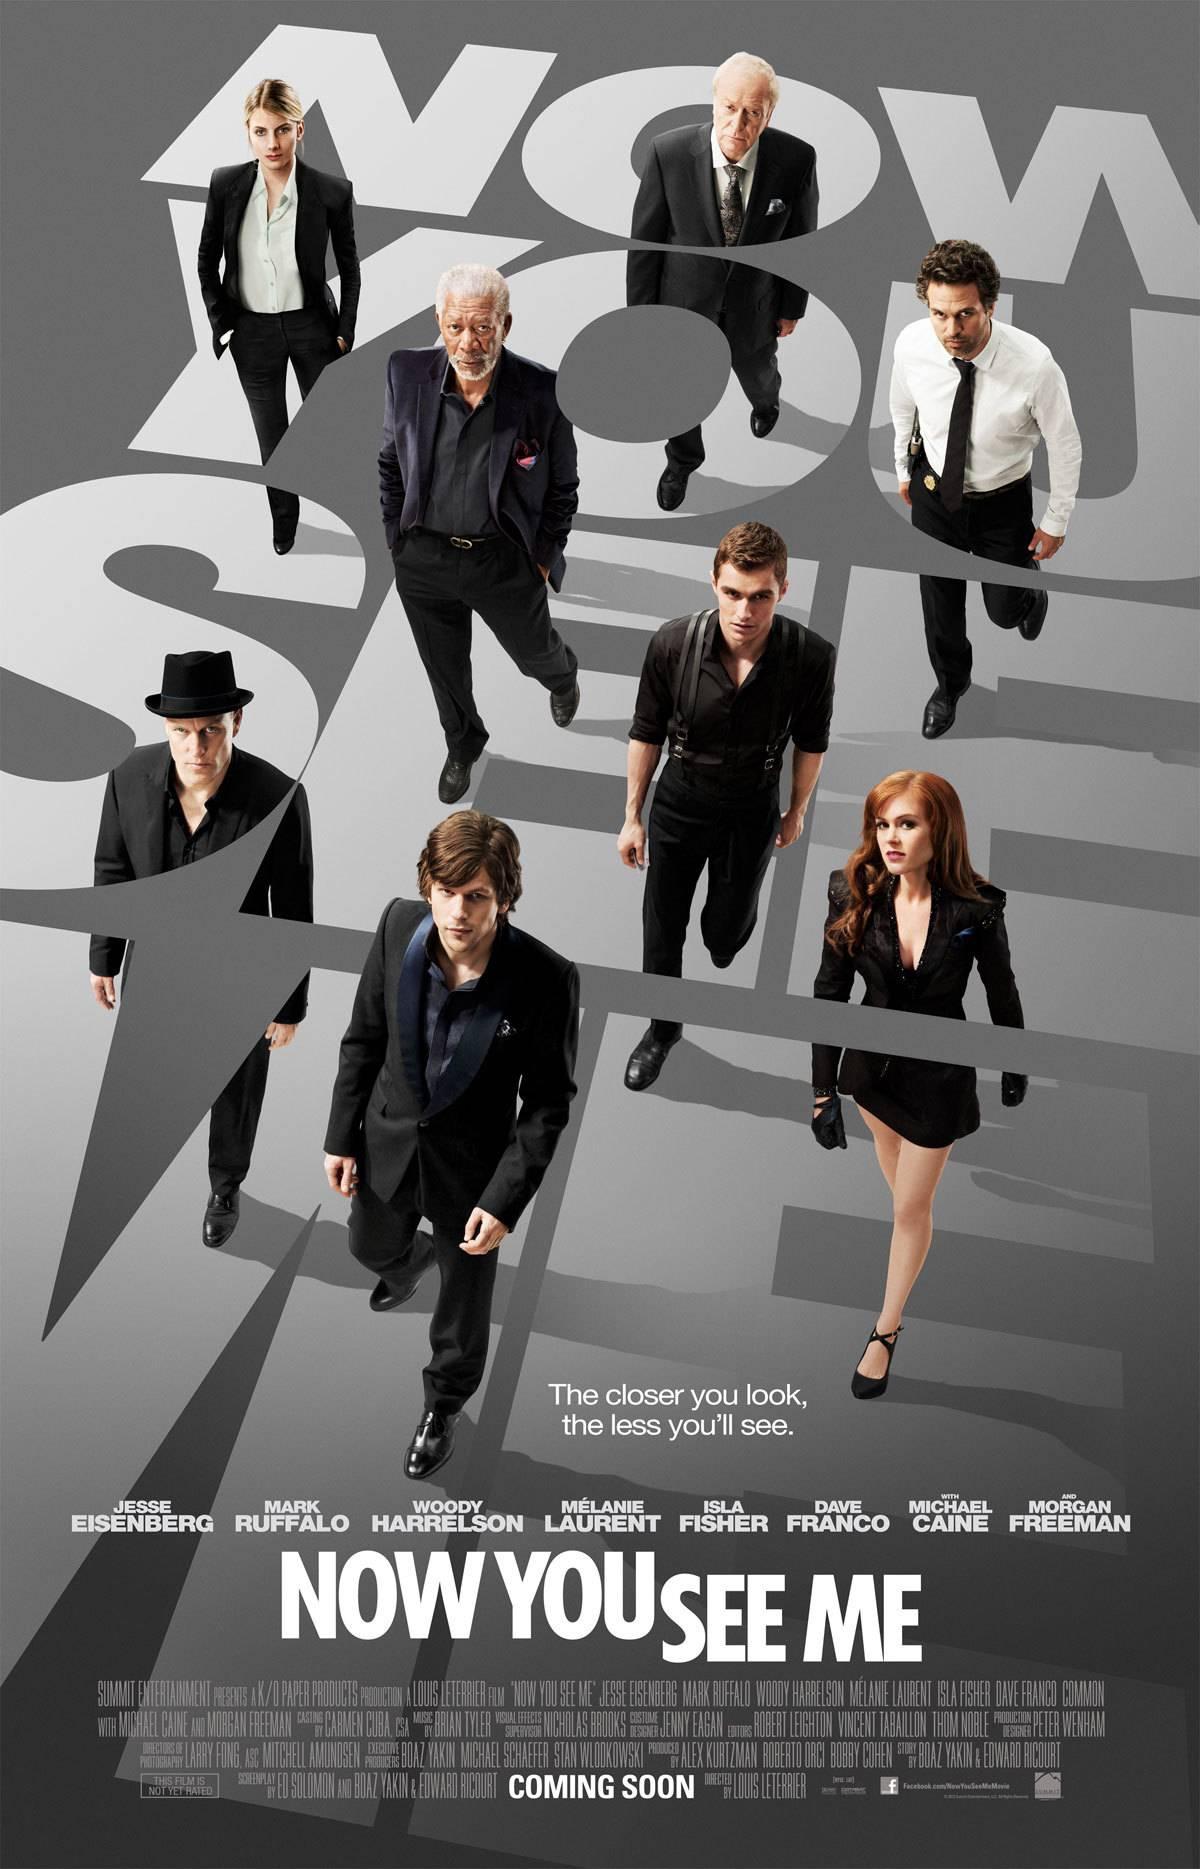 Постер к фильму постер n54693 к фильму